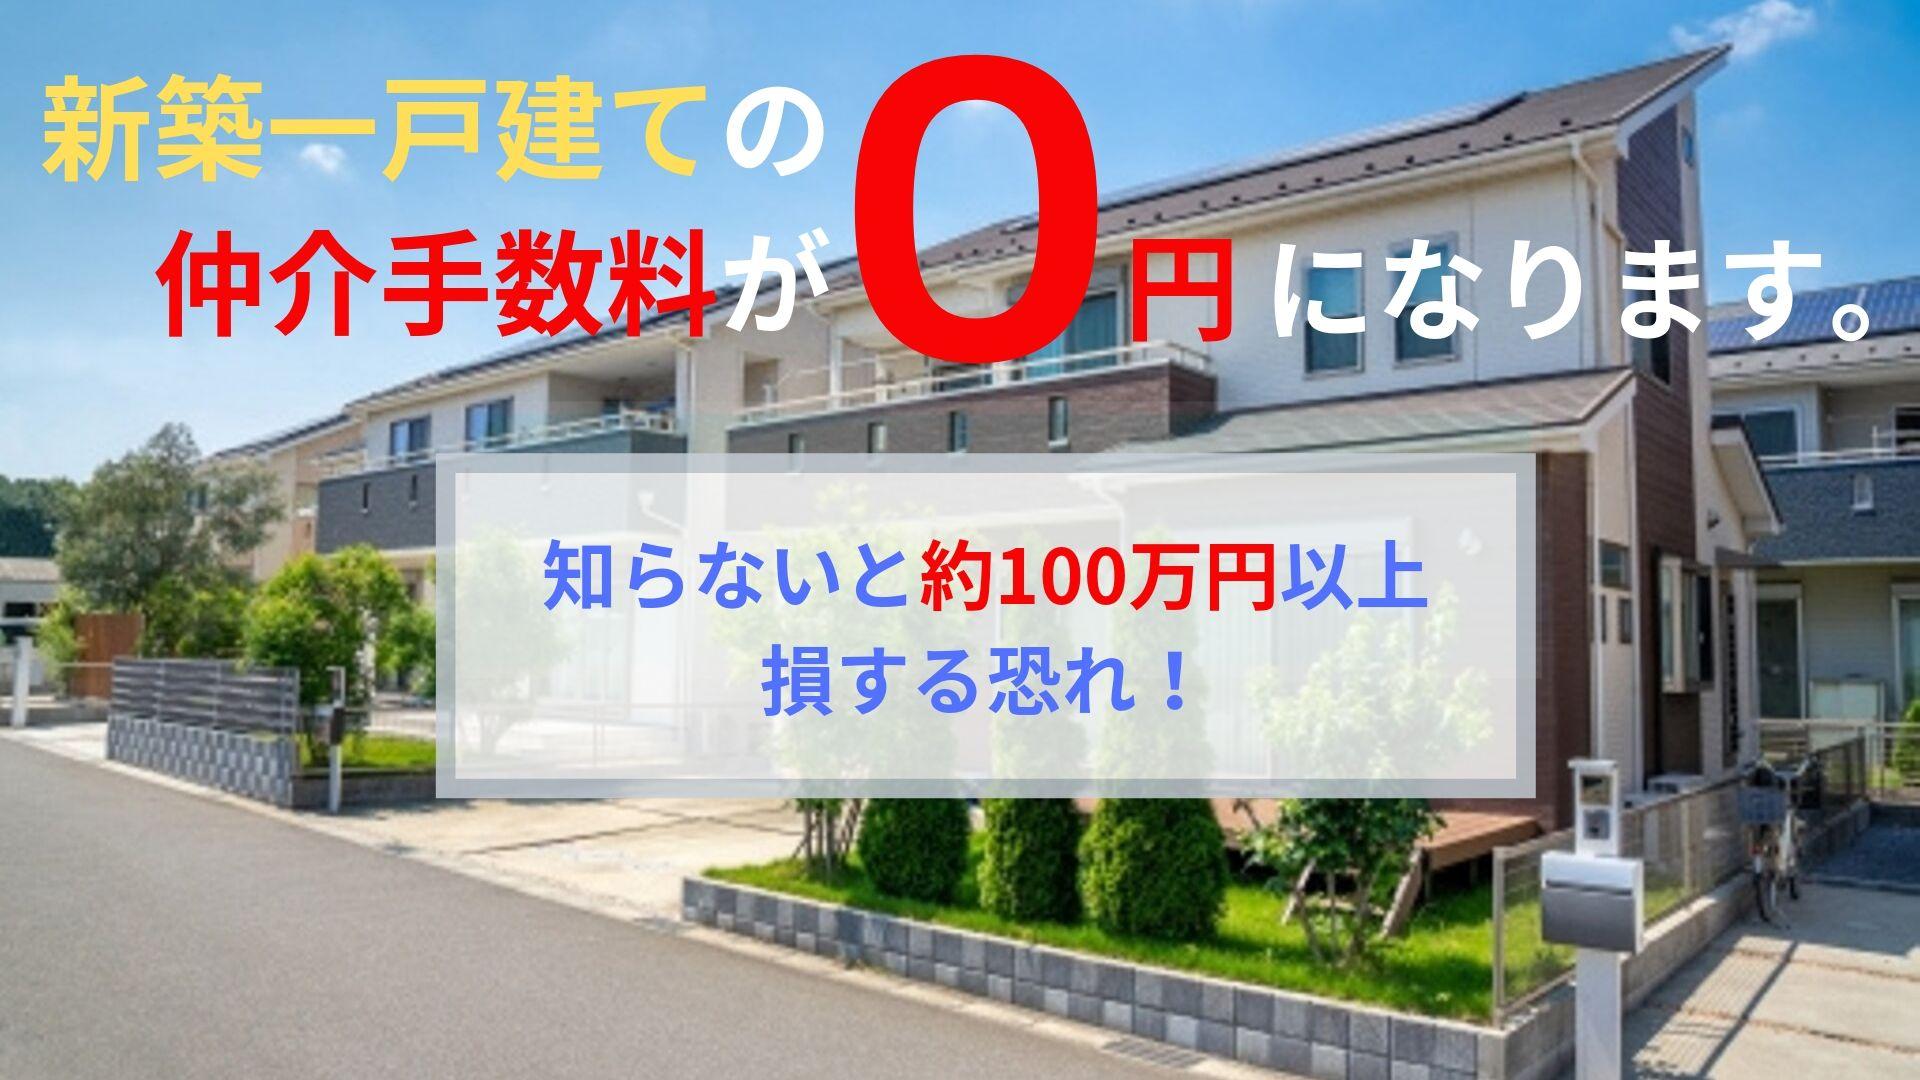 新築戸建て仲介手数料無料/さいたま市・埼玉県